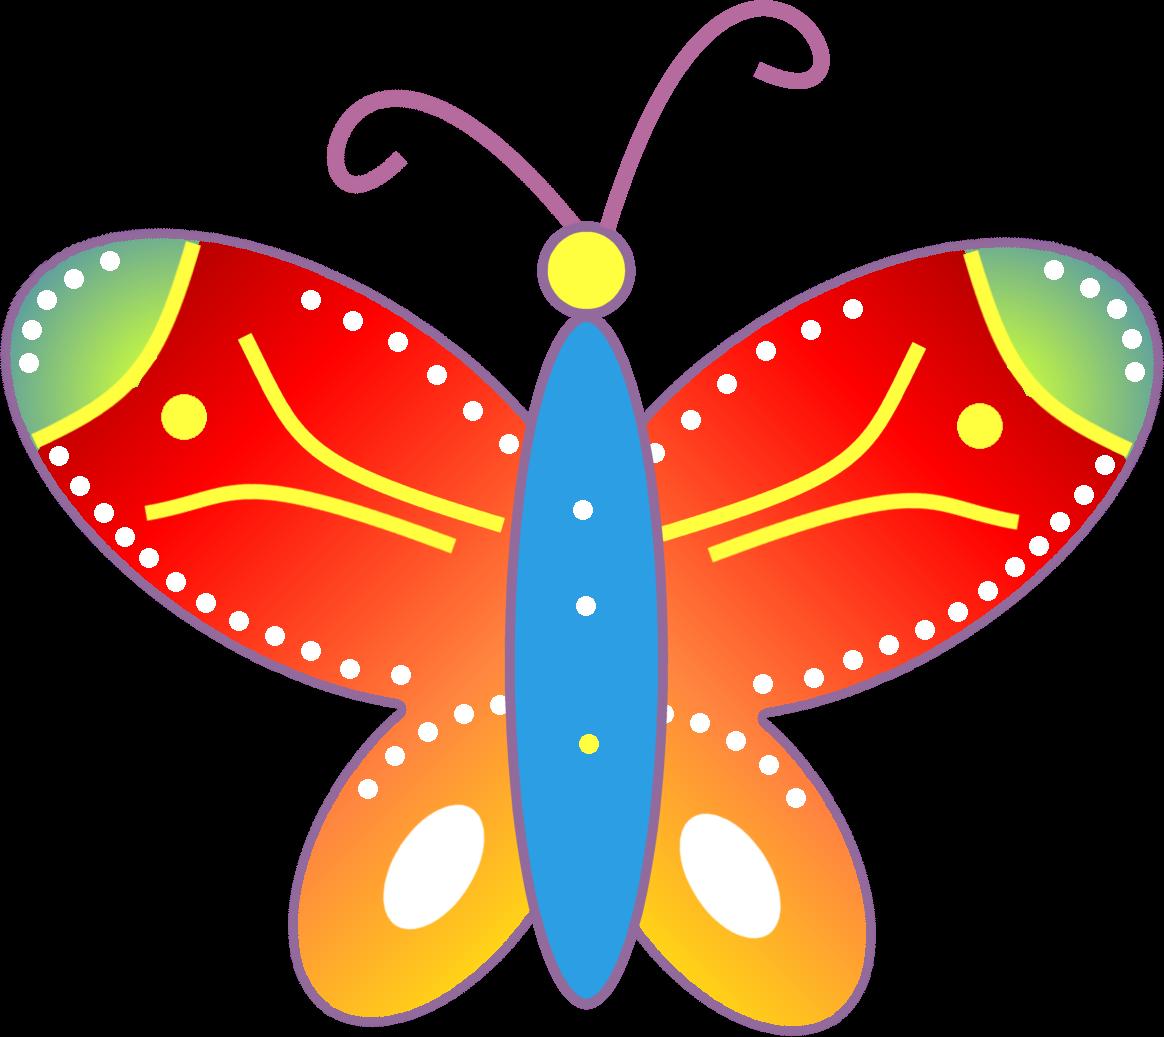 Libelulas y mariposas material para escuela manualidades for Imagenes bonitas para decorar